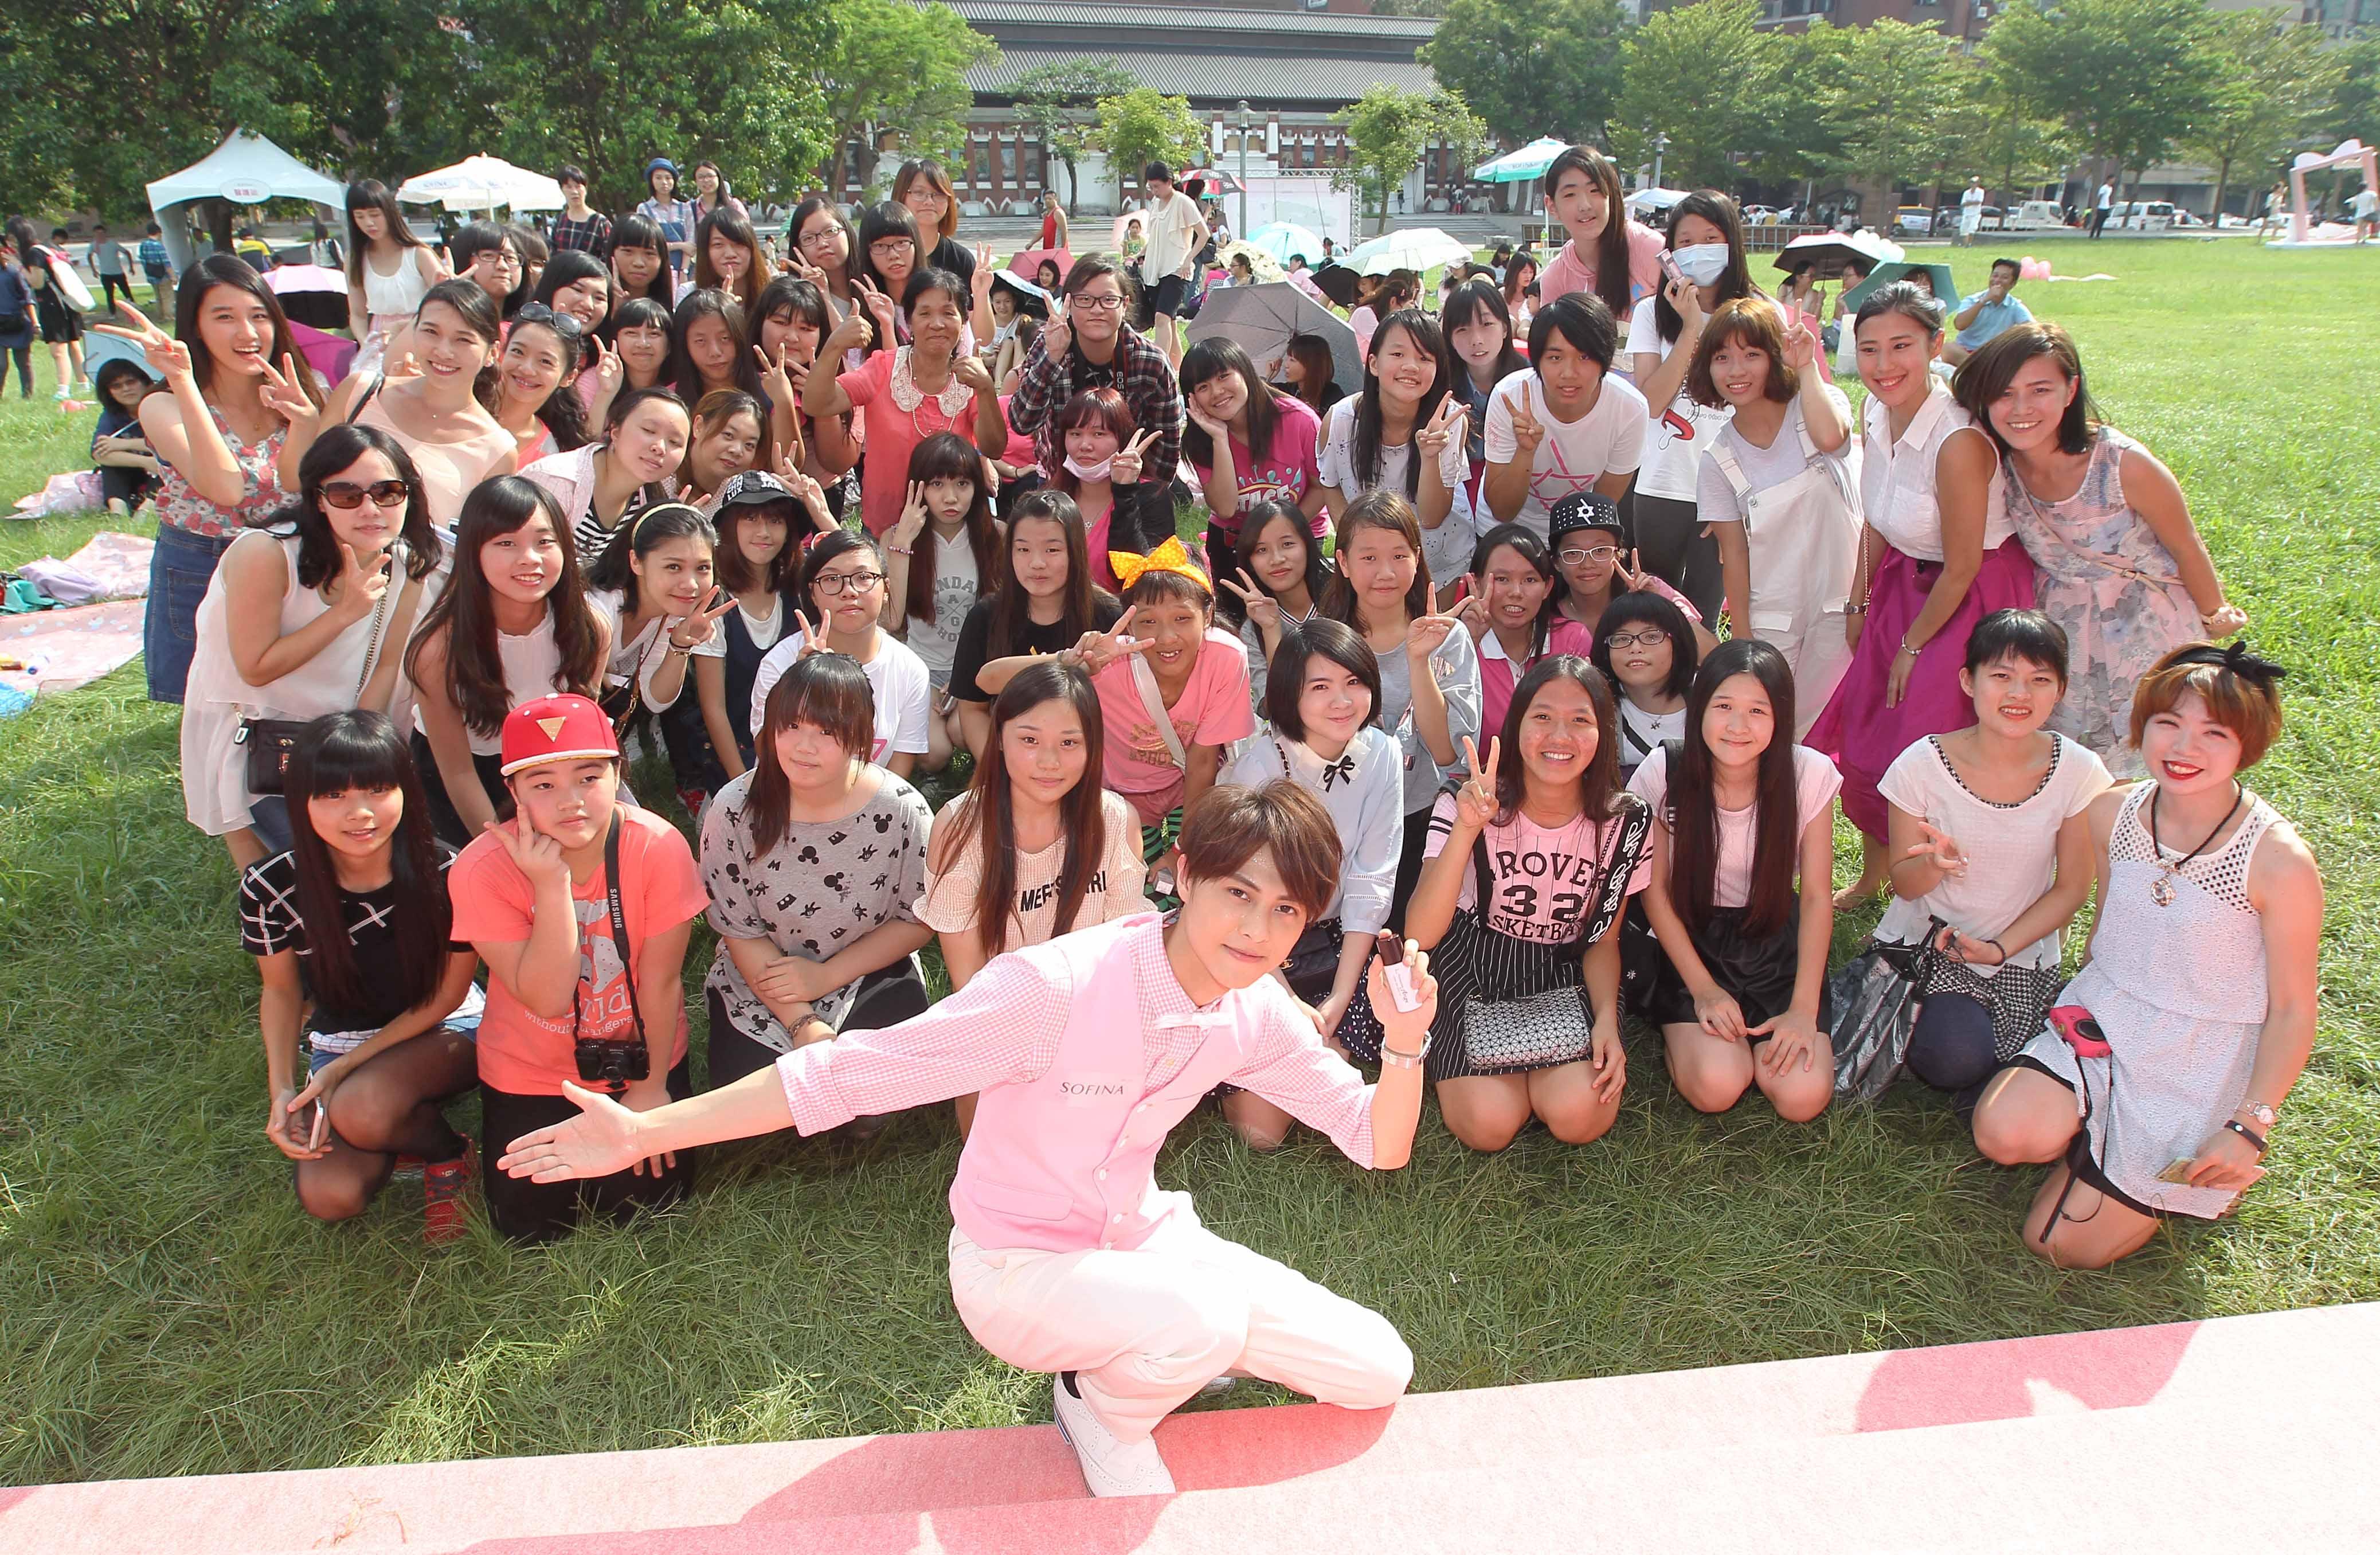 圖6:漾緁女孩們齊聚草原玩妝聊時尚,與王子-邱勝翊一起沉醉粉紅愛戀的野餐時光